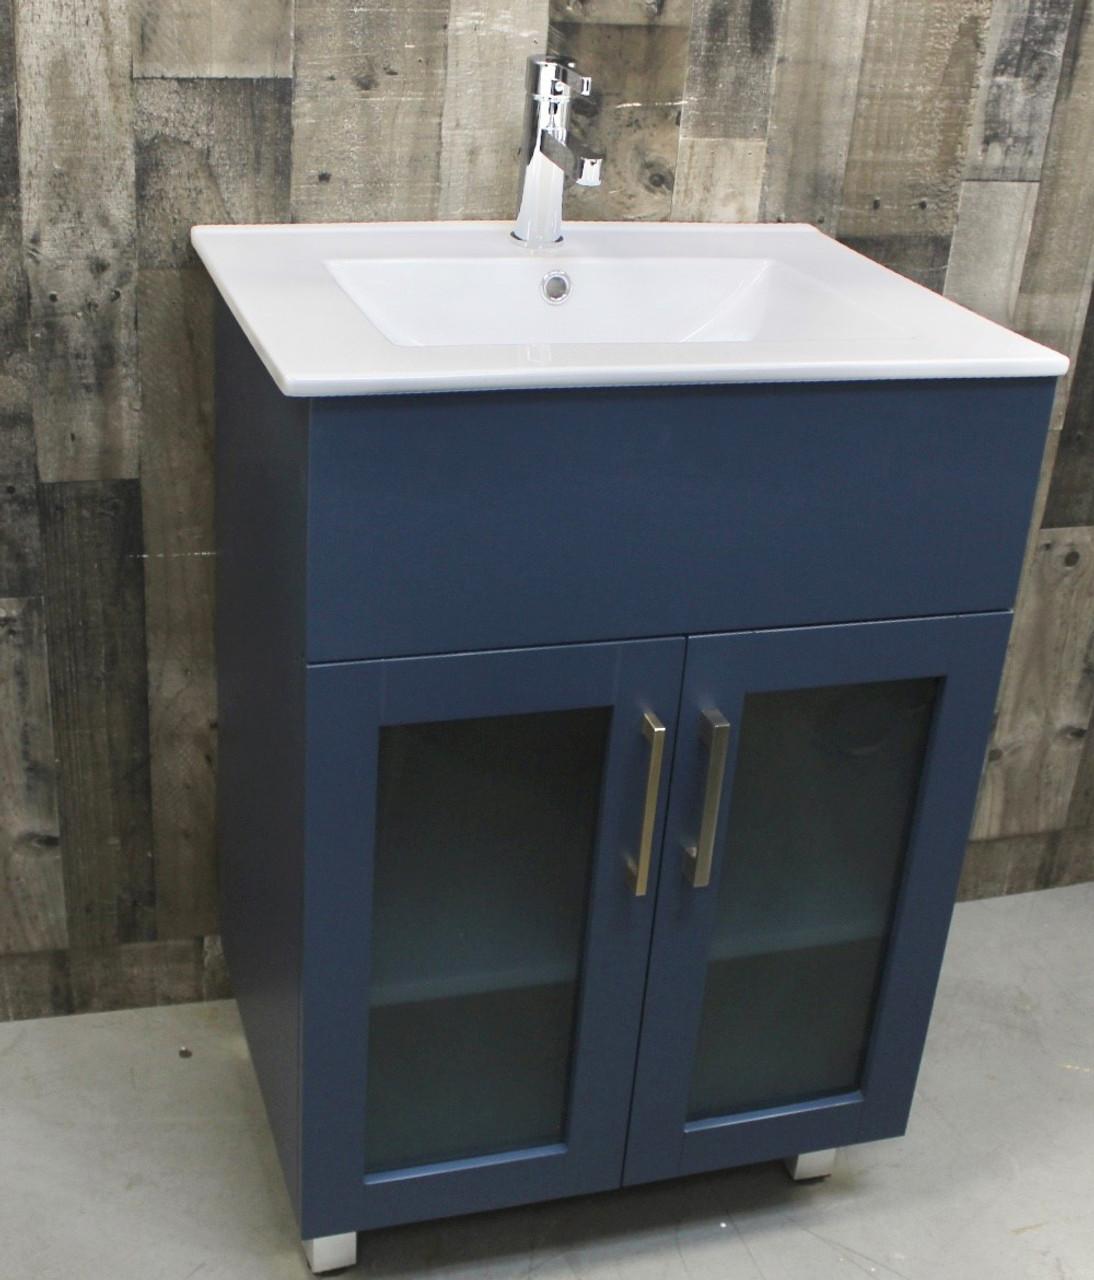 Jane 30 Inch Bathroom Vanity In Navy Blue